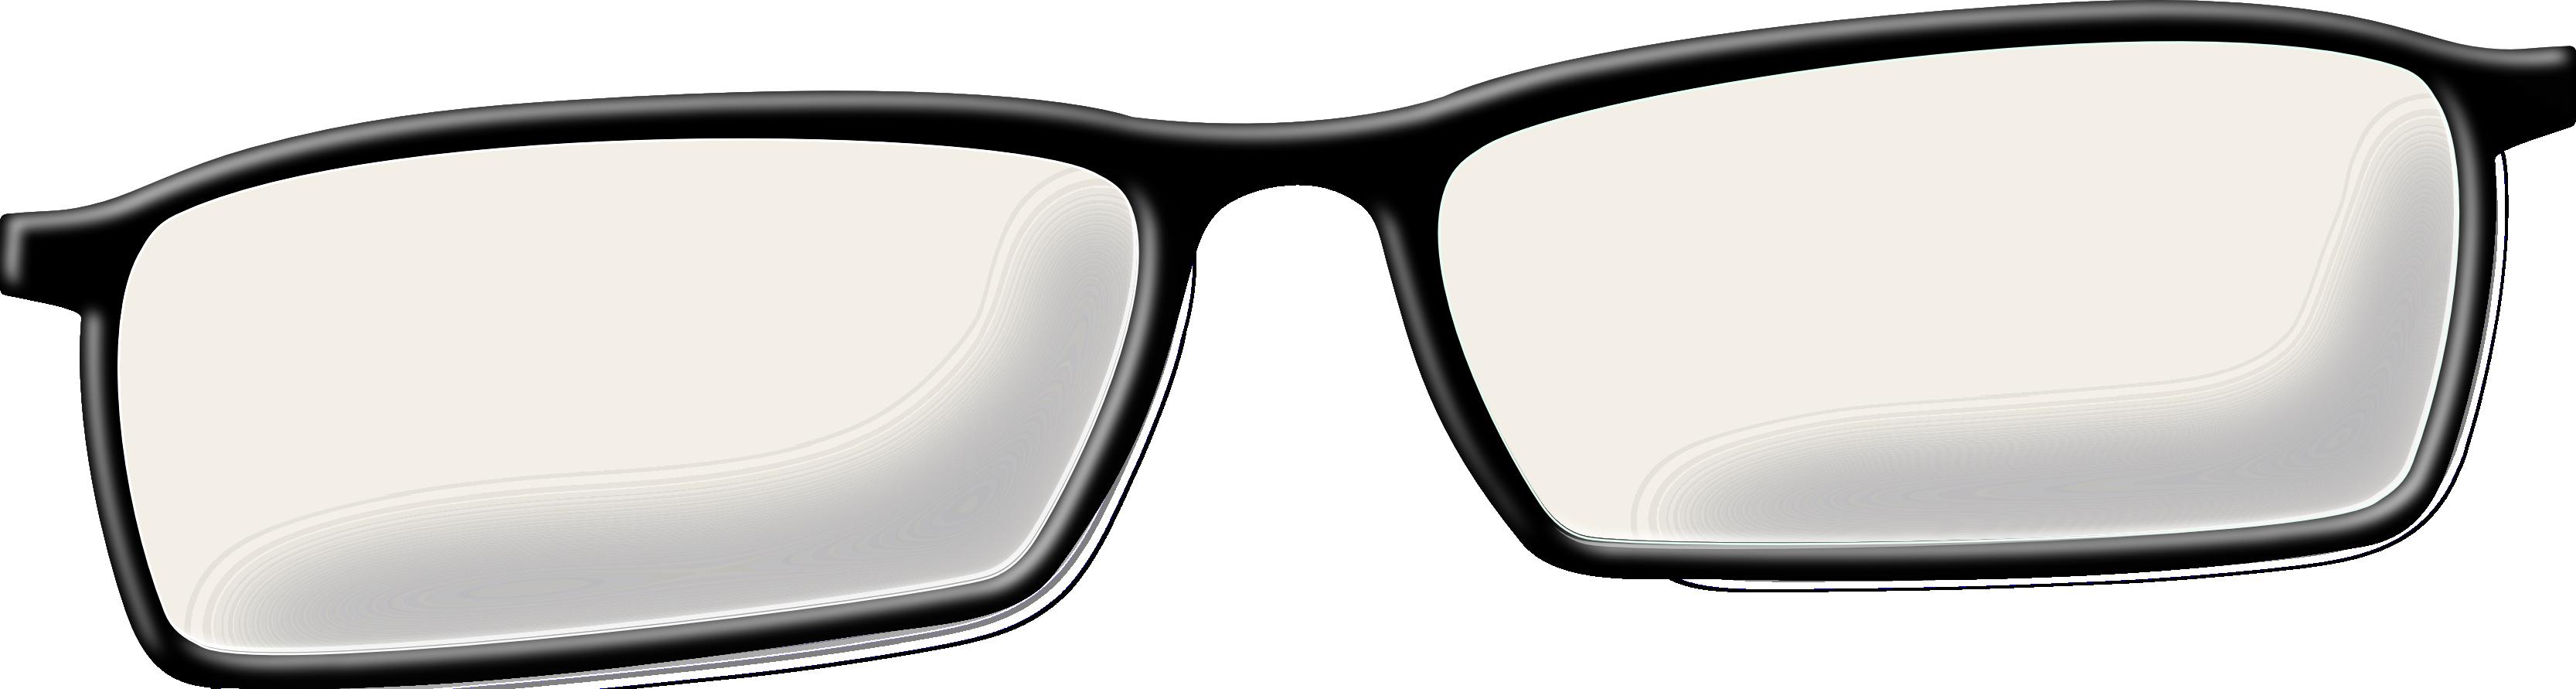 Glasses PNG - 21649